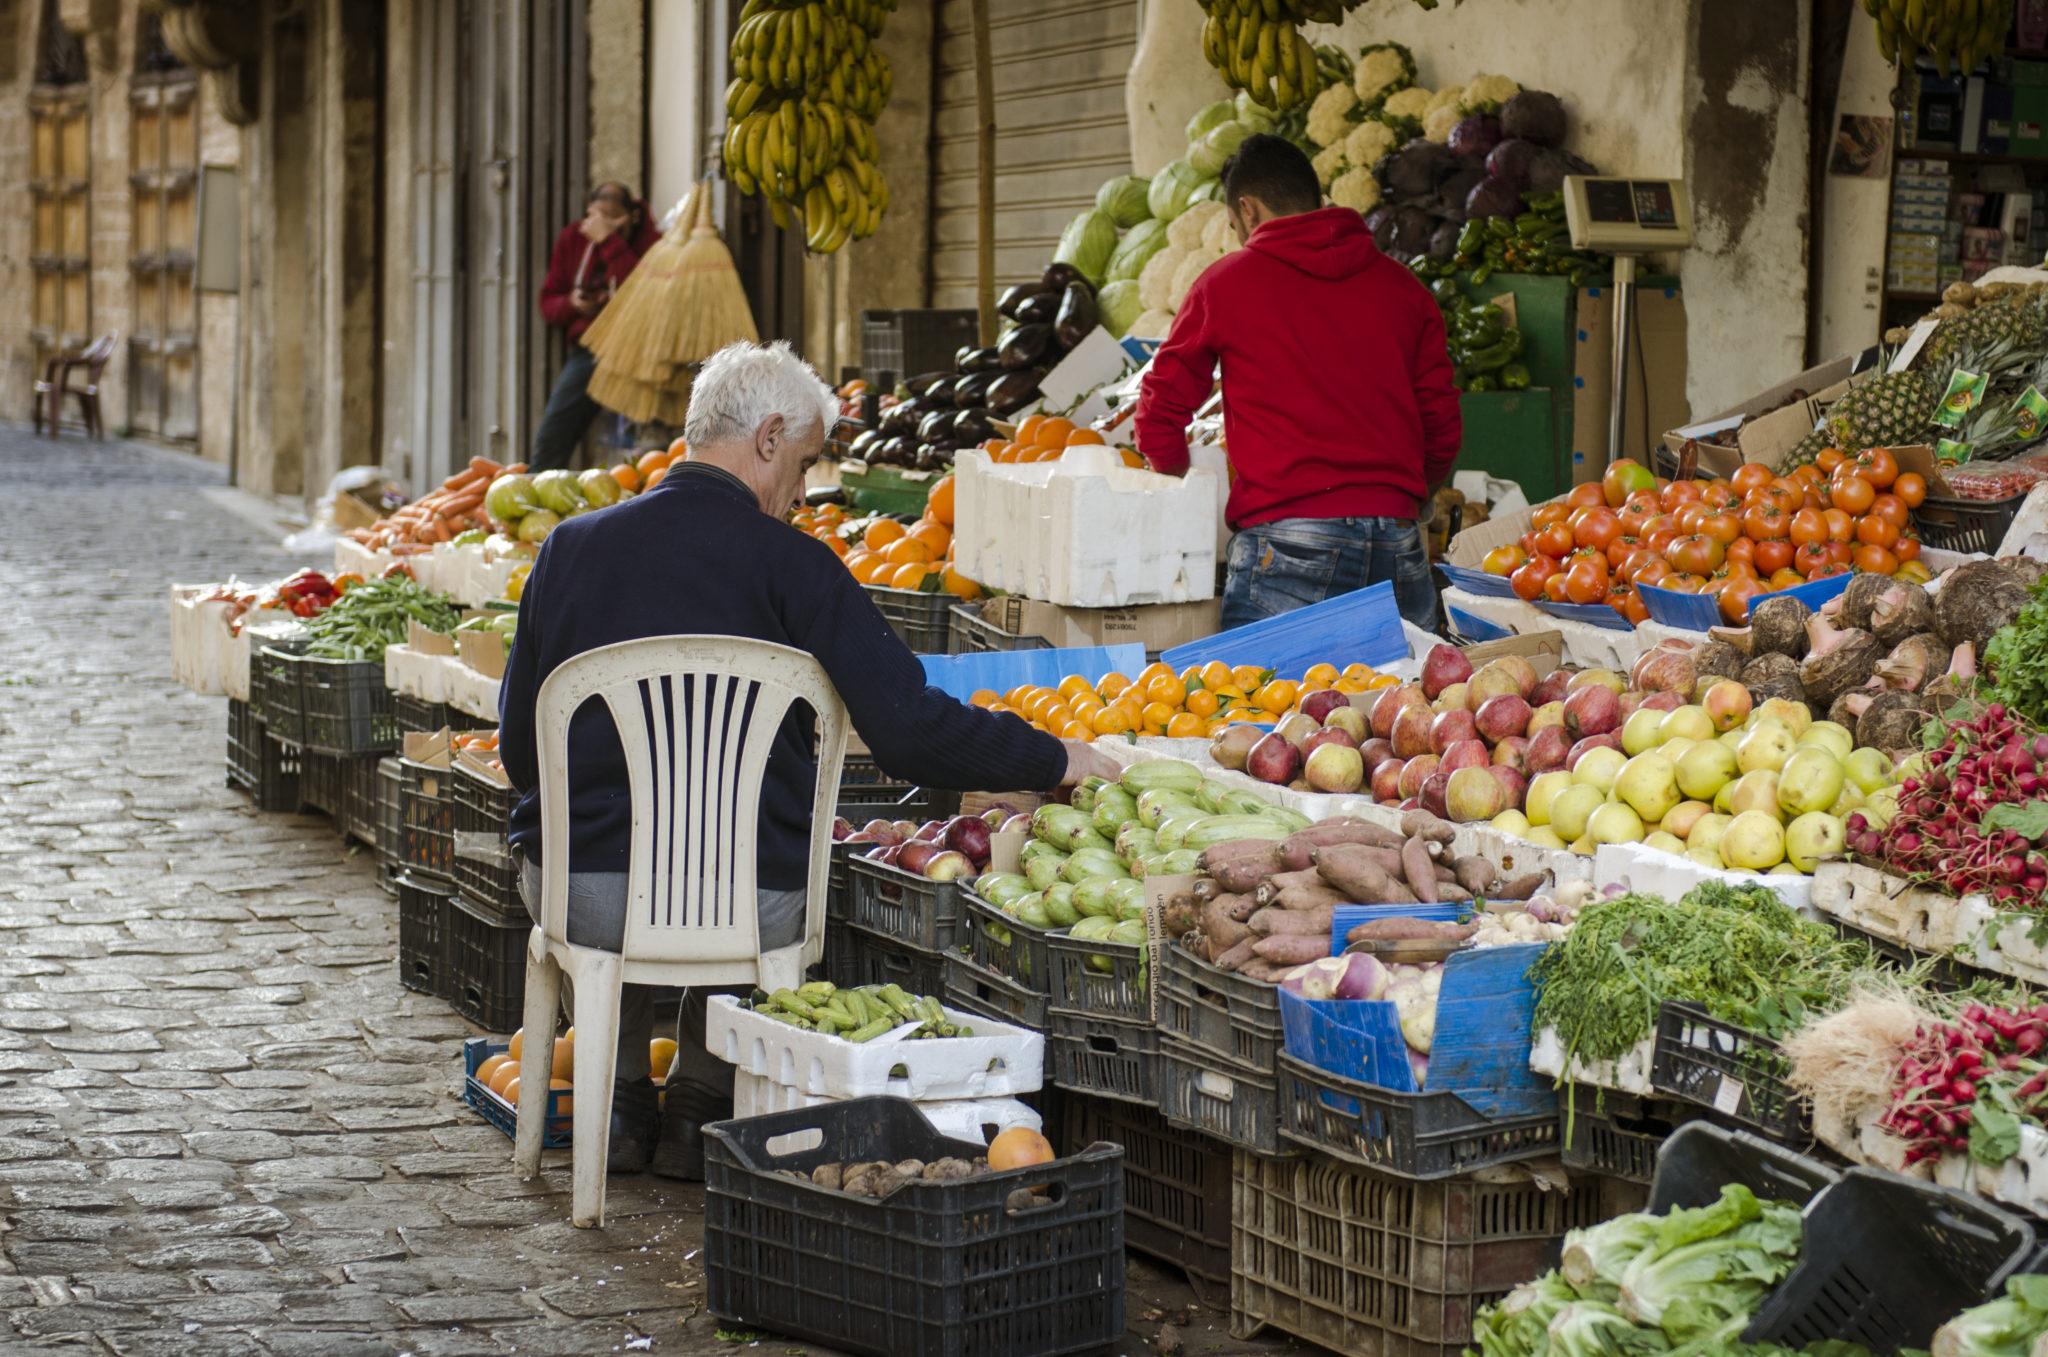 Libanon-Sehenswuerdigkeiten-Markt-Stand